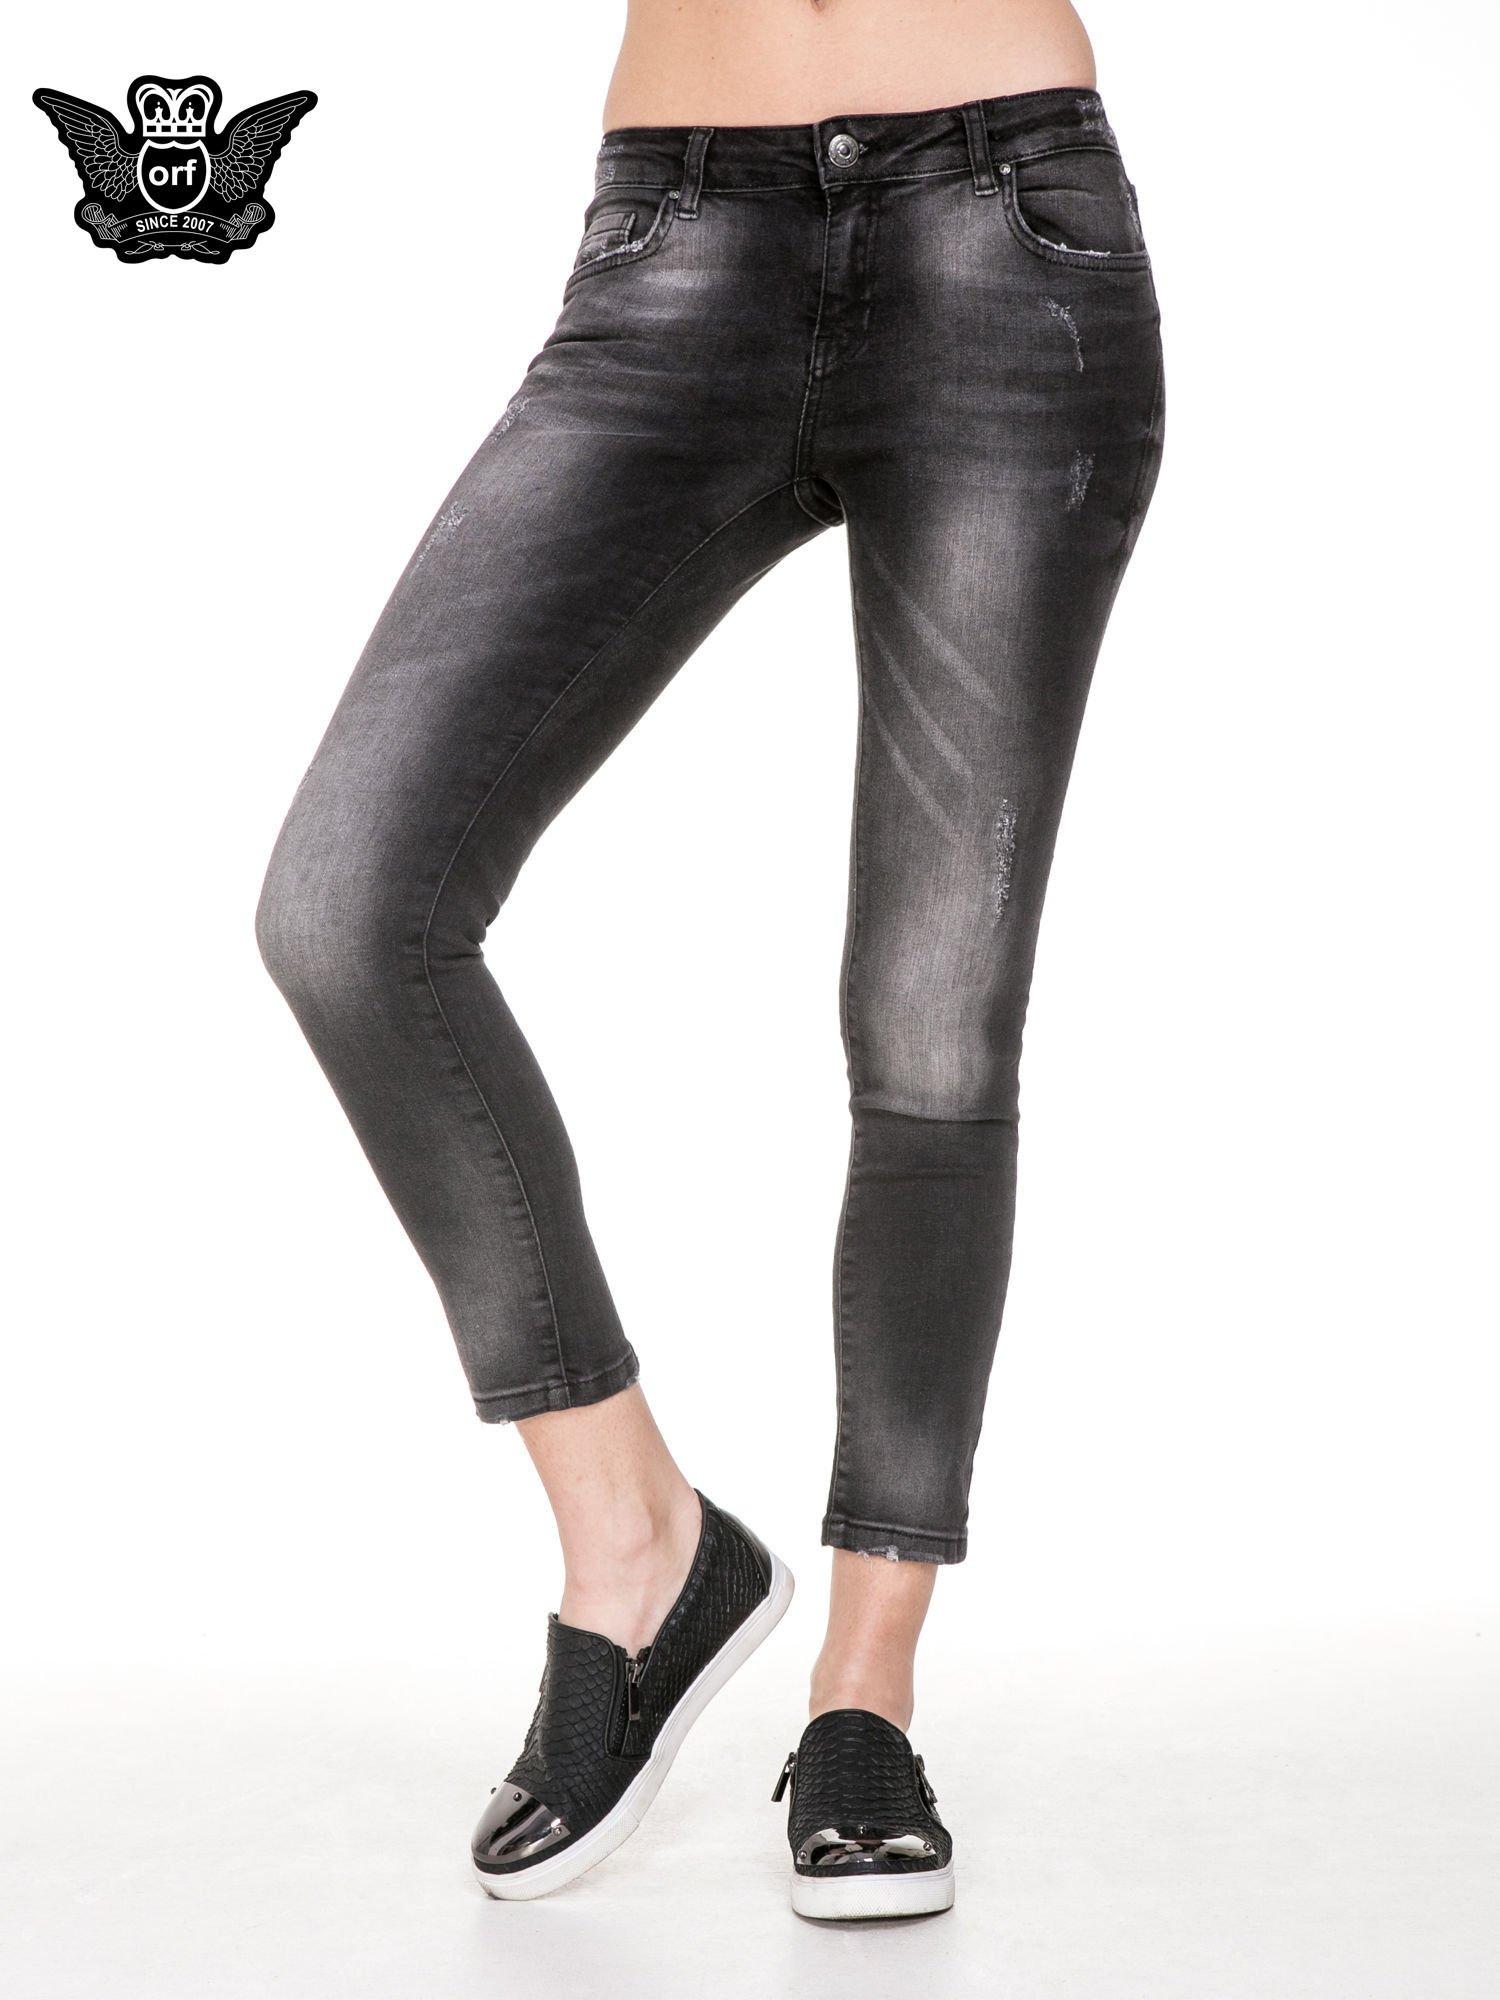 Czarne spodnie jeansowe 7/8 z rozjaśnianą nogawką                                  zdj.                                  1